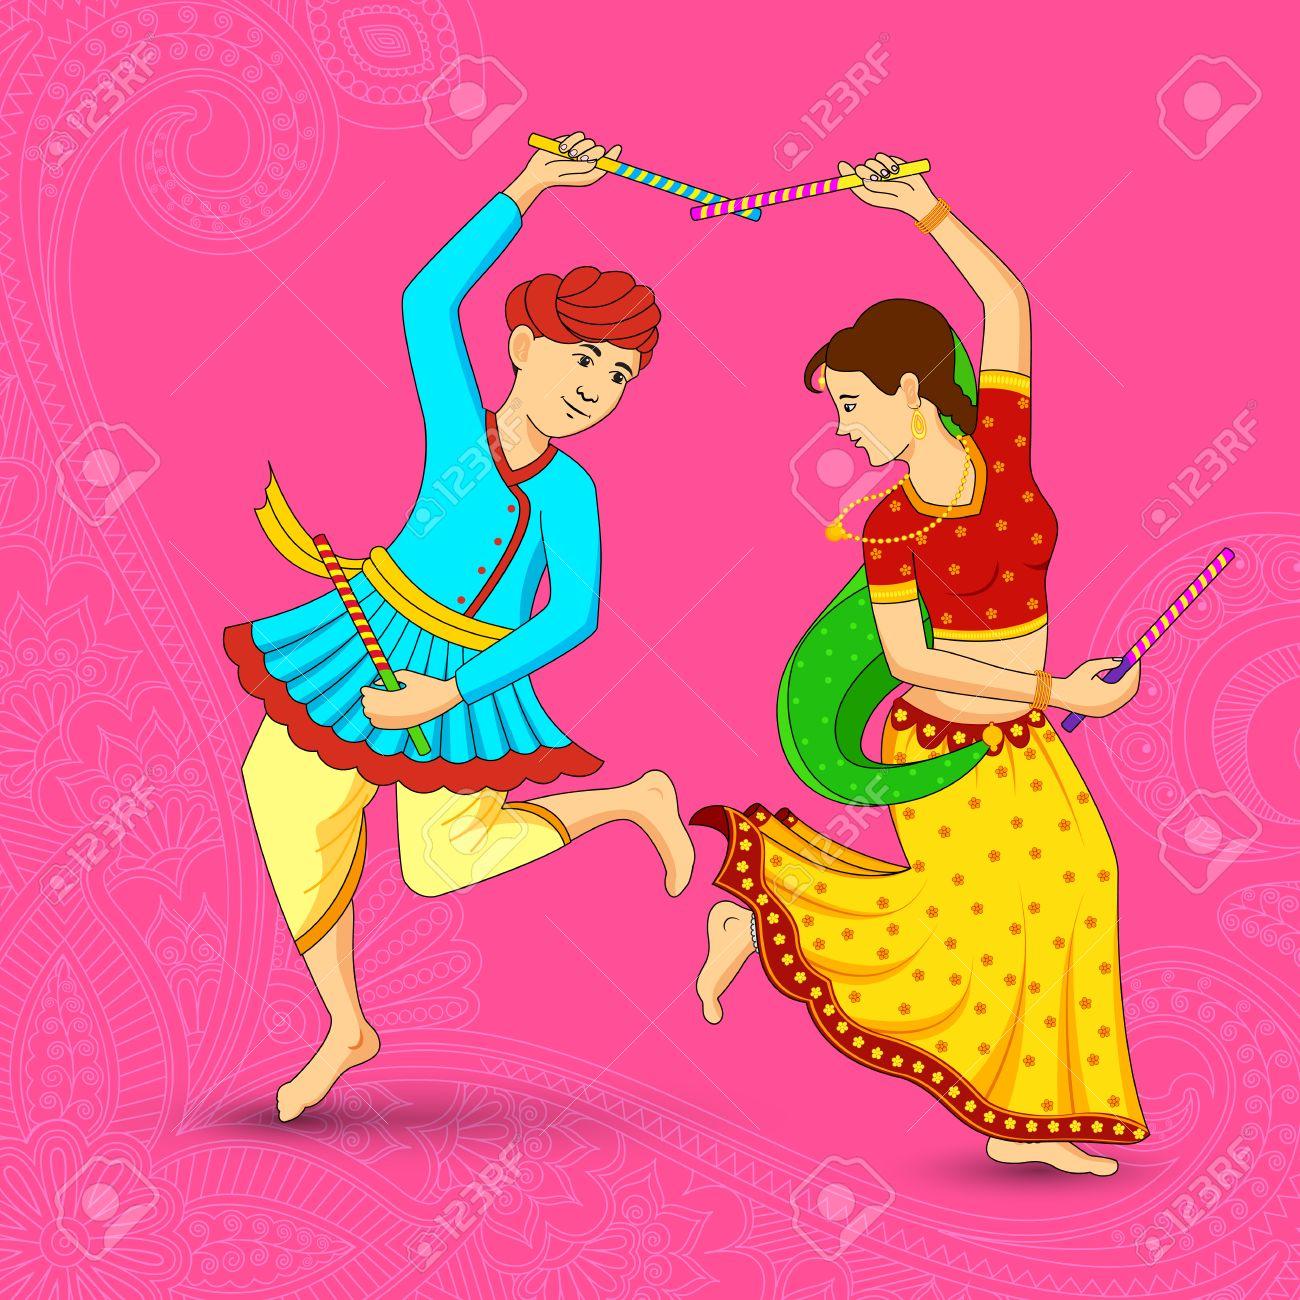 Dancing the Dandiya